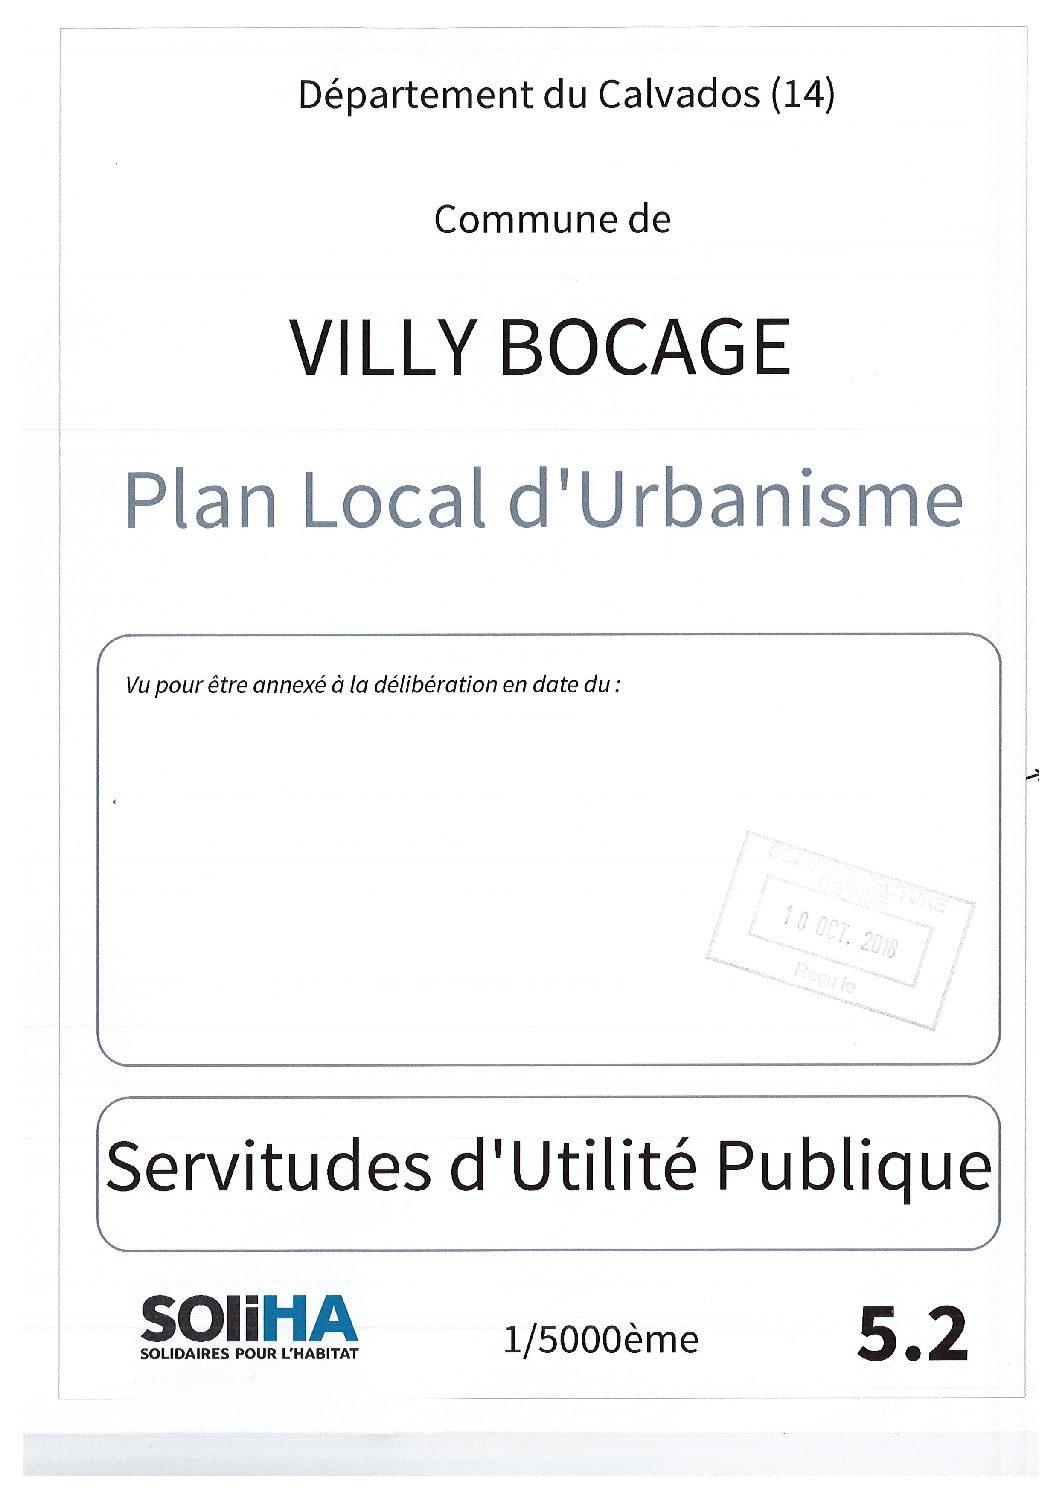 Villy-Bocage : Servitudes